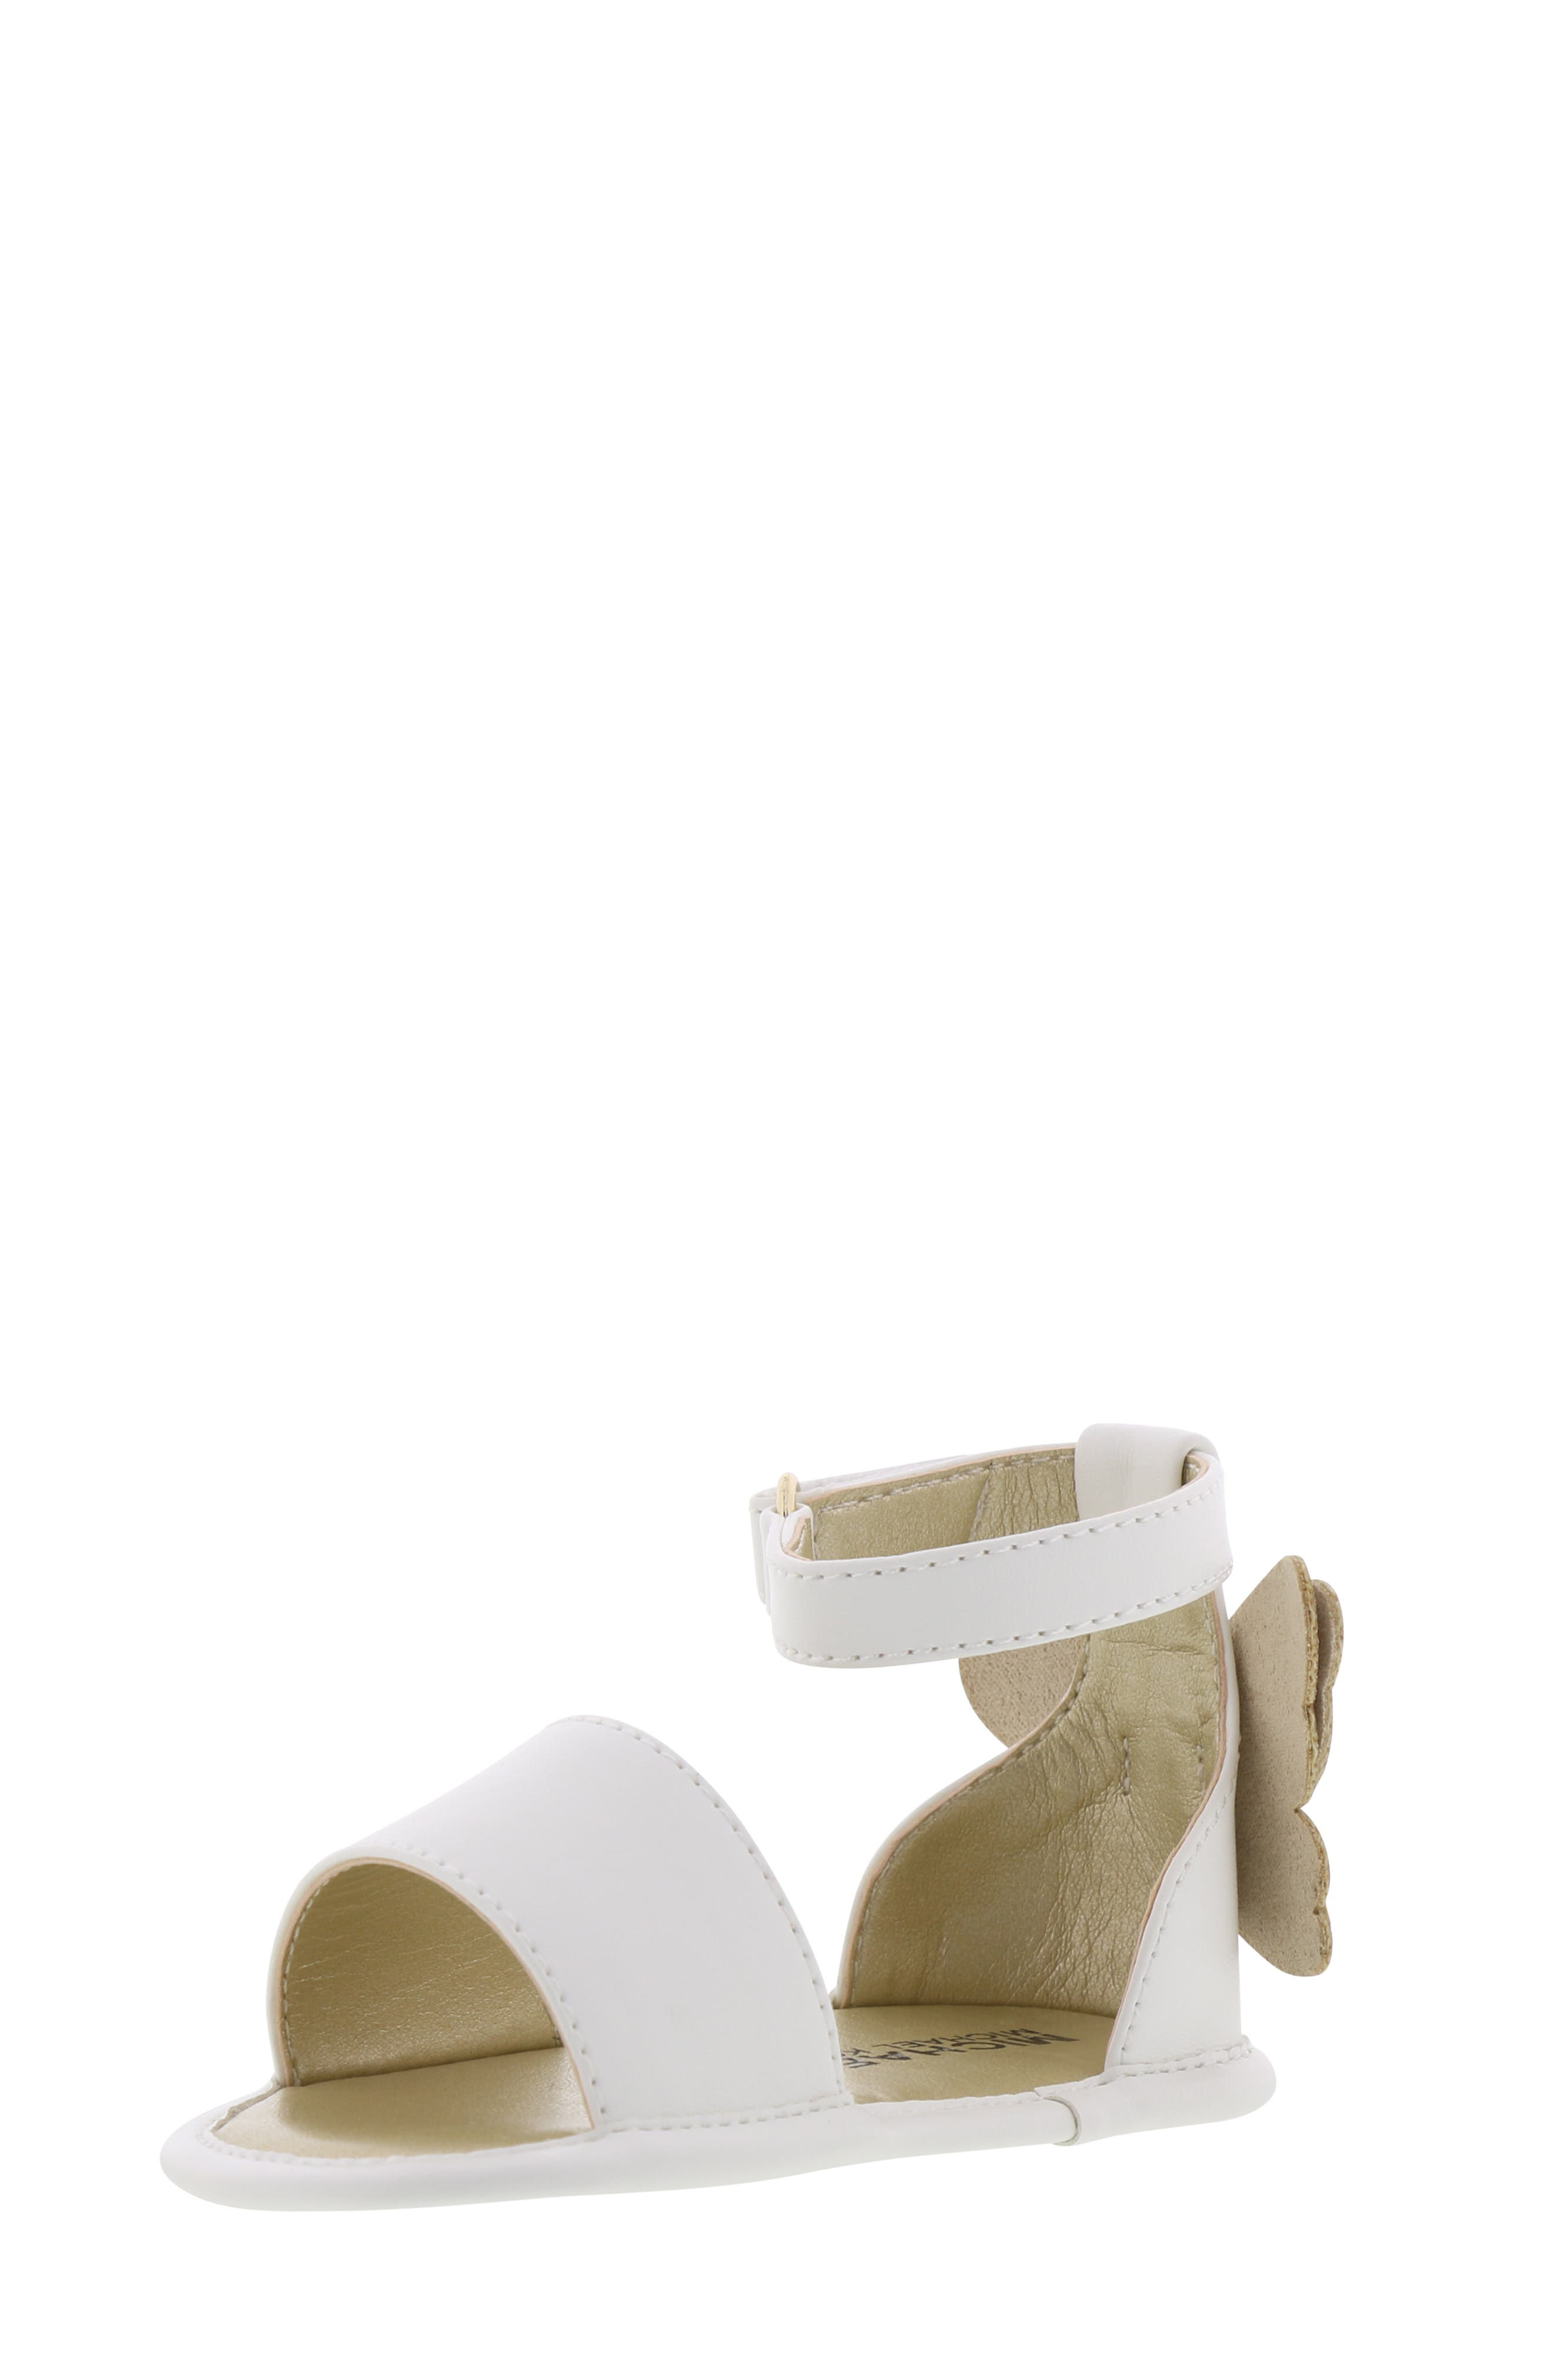 MICHAEL MICHAEL KORS, Tilly Sansa Glitter Sandal, Alternate thumbnail 9, color, WHITE